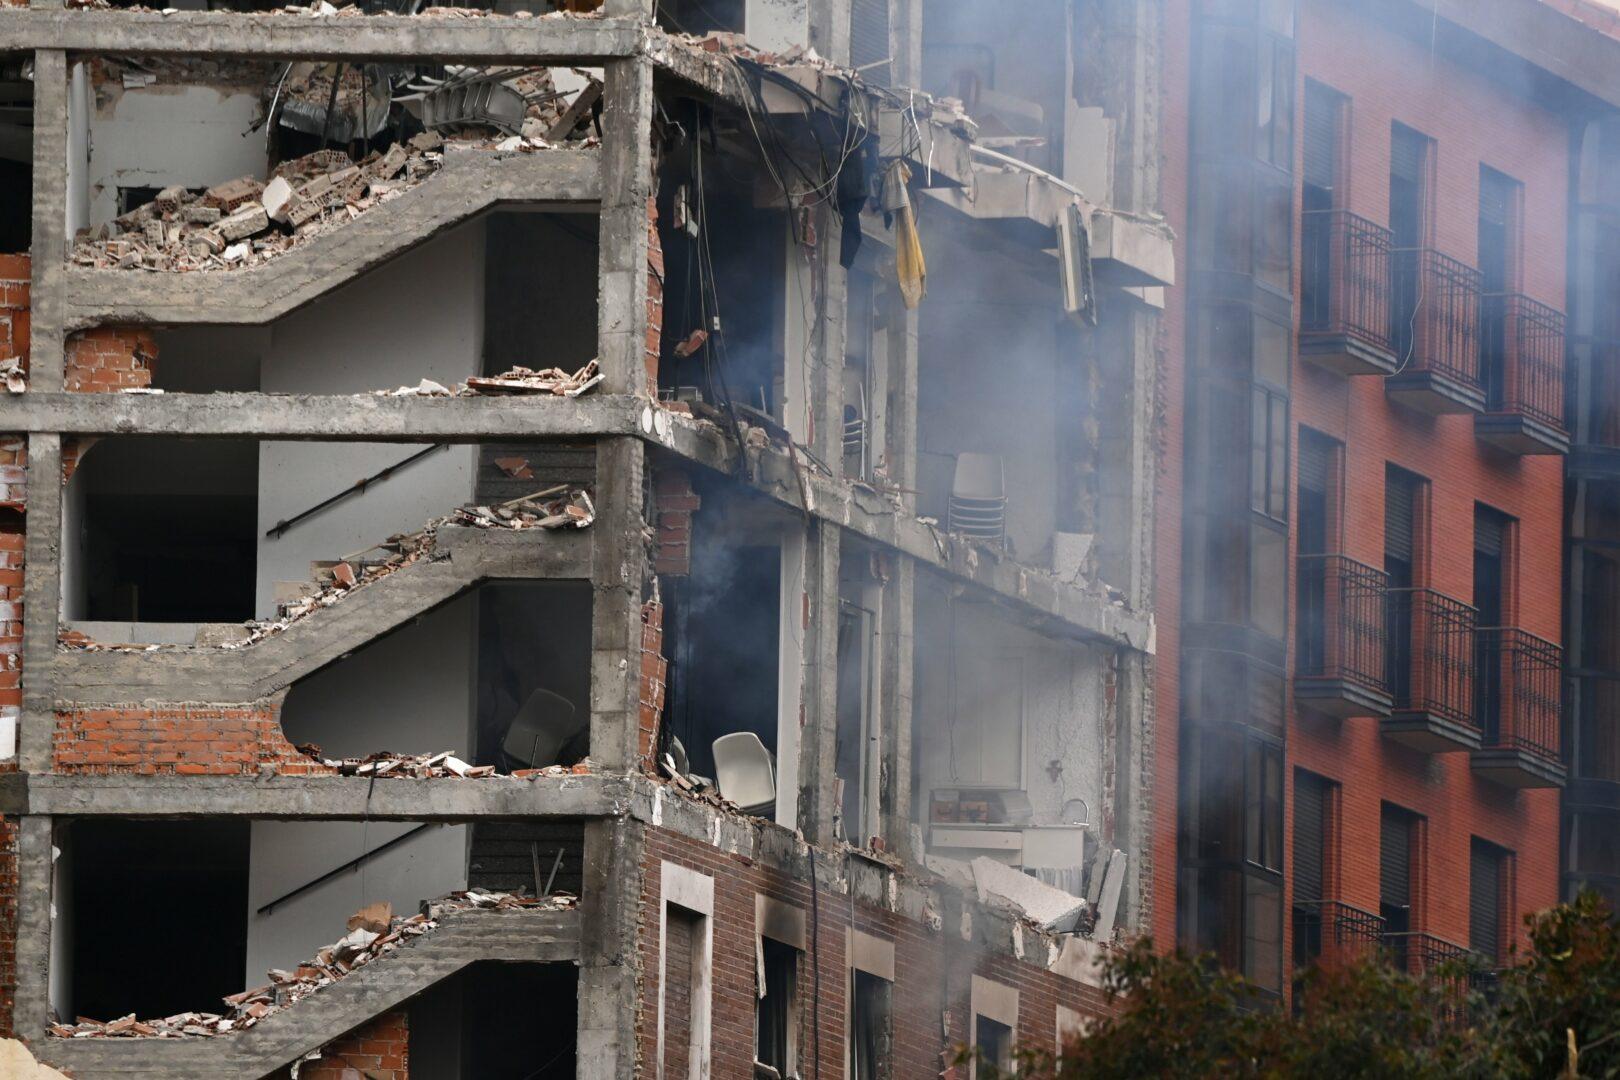 Faţada azilului din Madrid unde s-a produs explozia